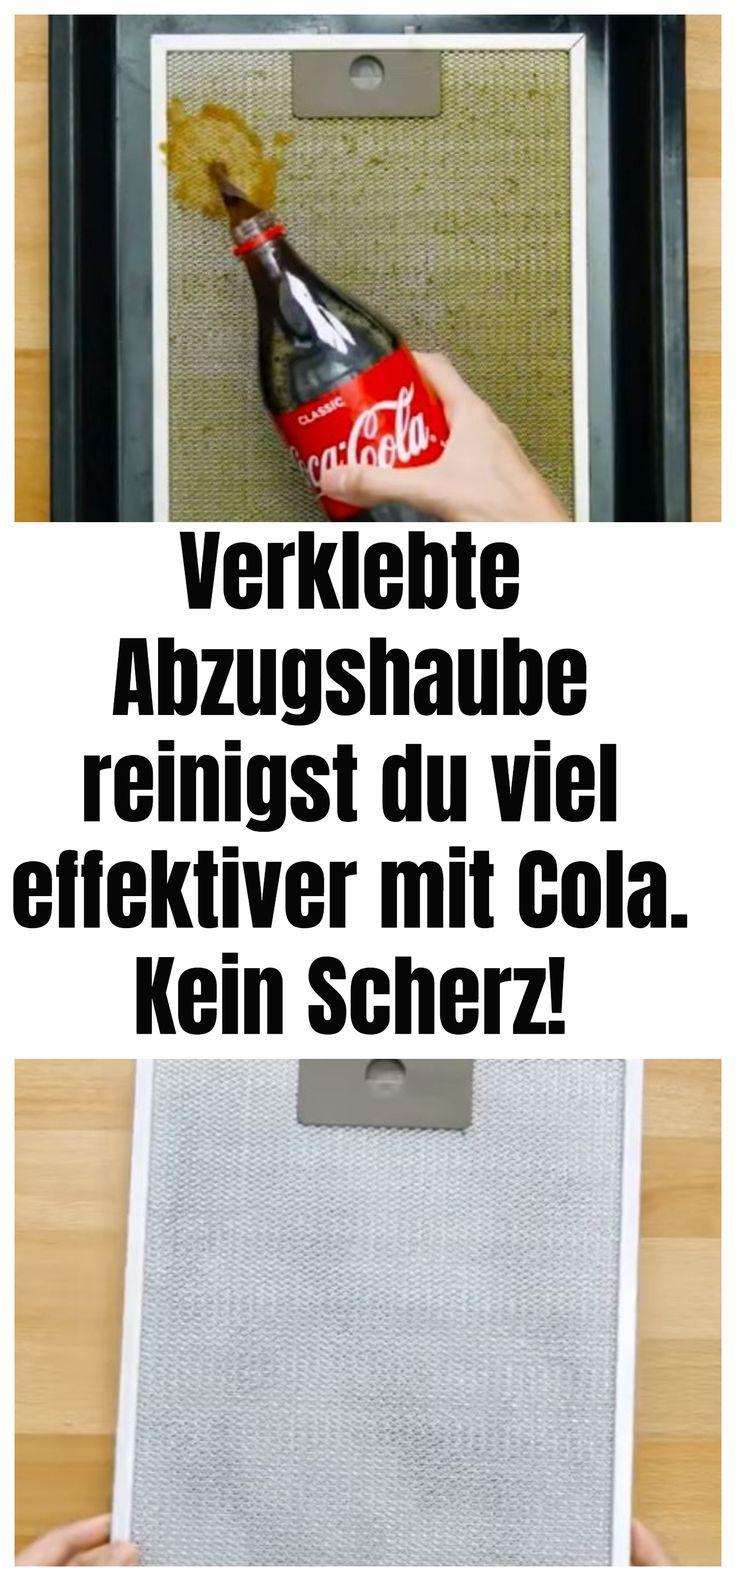 Verklebte Abzugshaube reinigst du viel effektiver mit Cola. Kein Scherz! –  #Instandhaltungsarbeiten